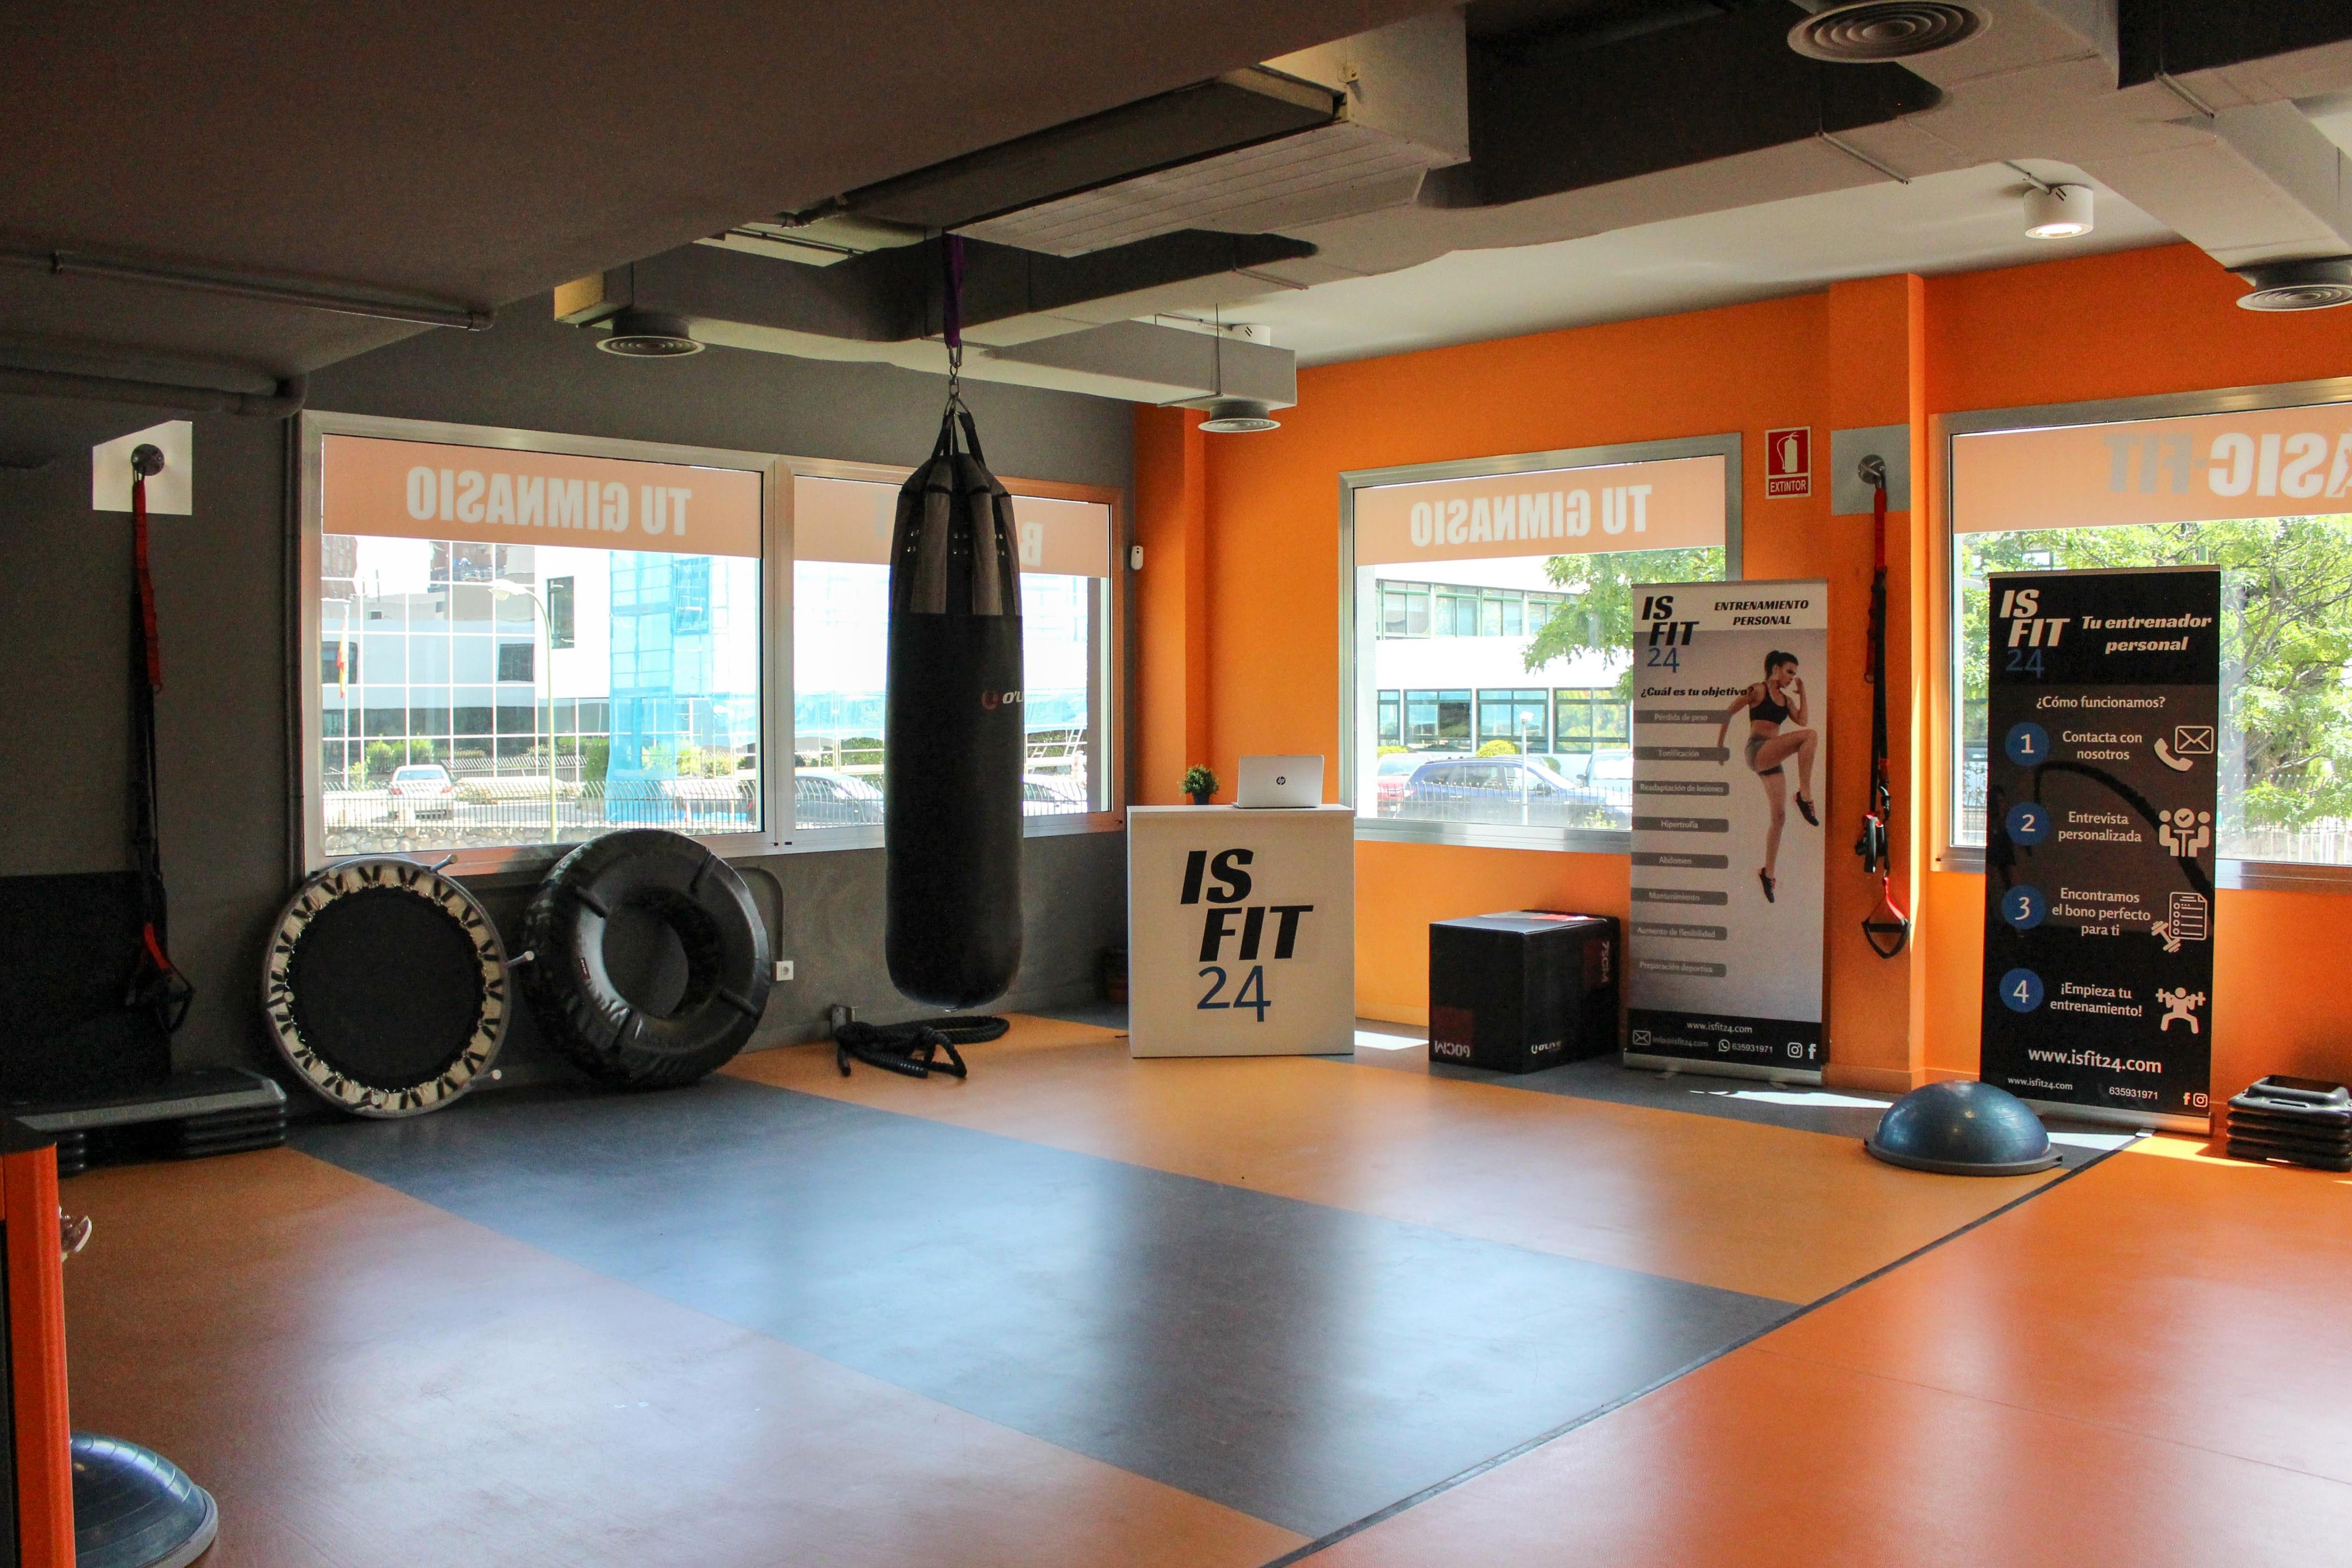 Foto 5 de Centro especializado en entrenamientos deportivos en Madrid | Isfit24